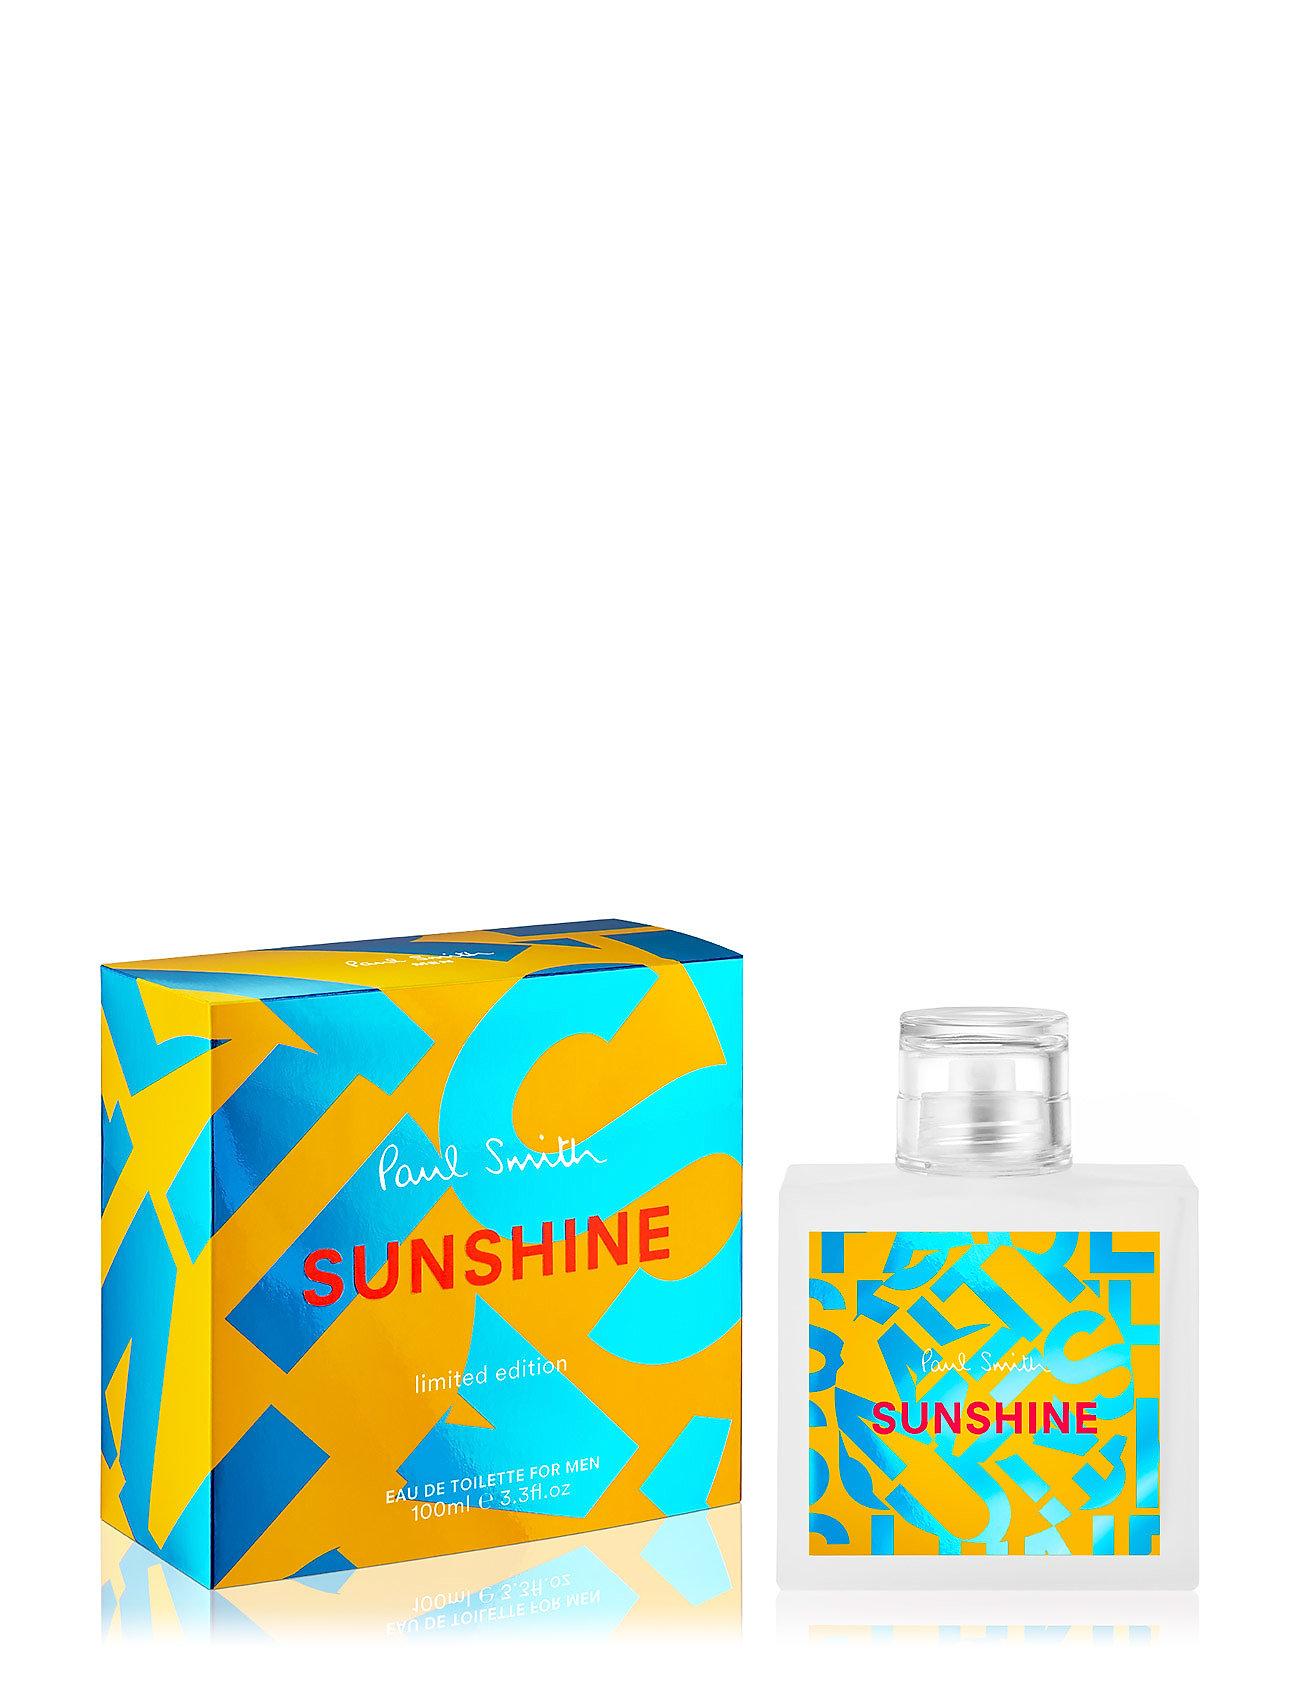 Ps sunshine homme edt 100 ml 2017 fra paul smith fra boozt.com dk